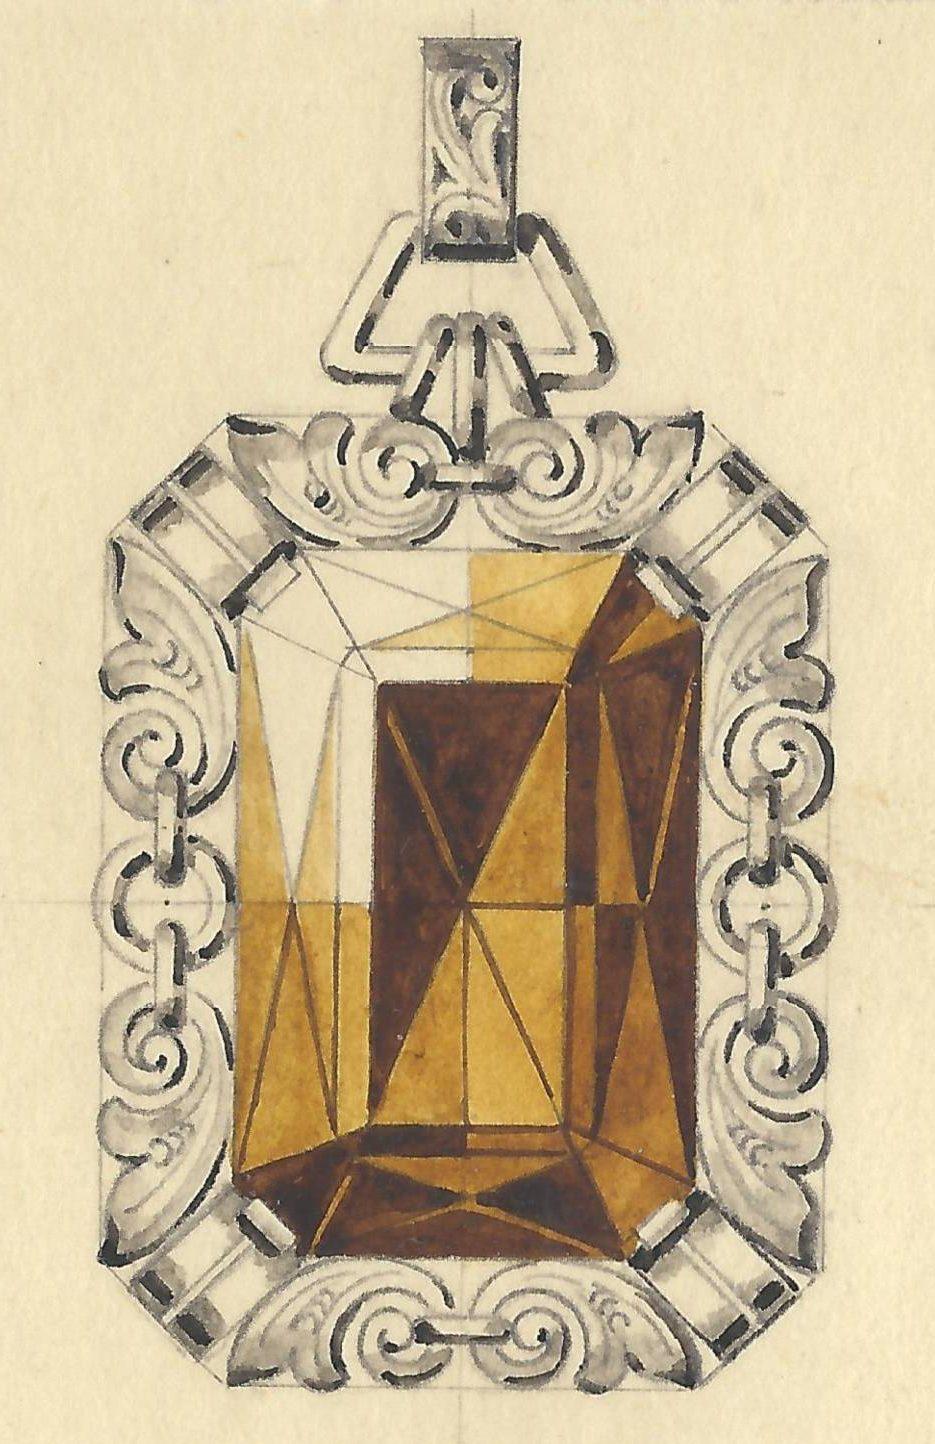 Fritz Eberle, ontwerptekening hanger, 1940-1960. Foto met dank aan Grafische Sammlung Stern©